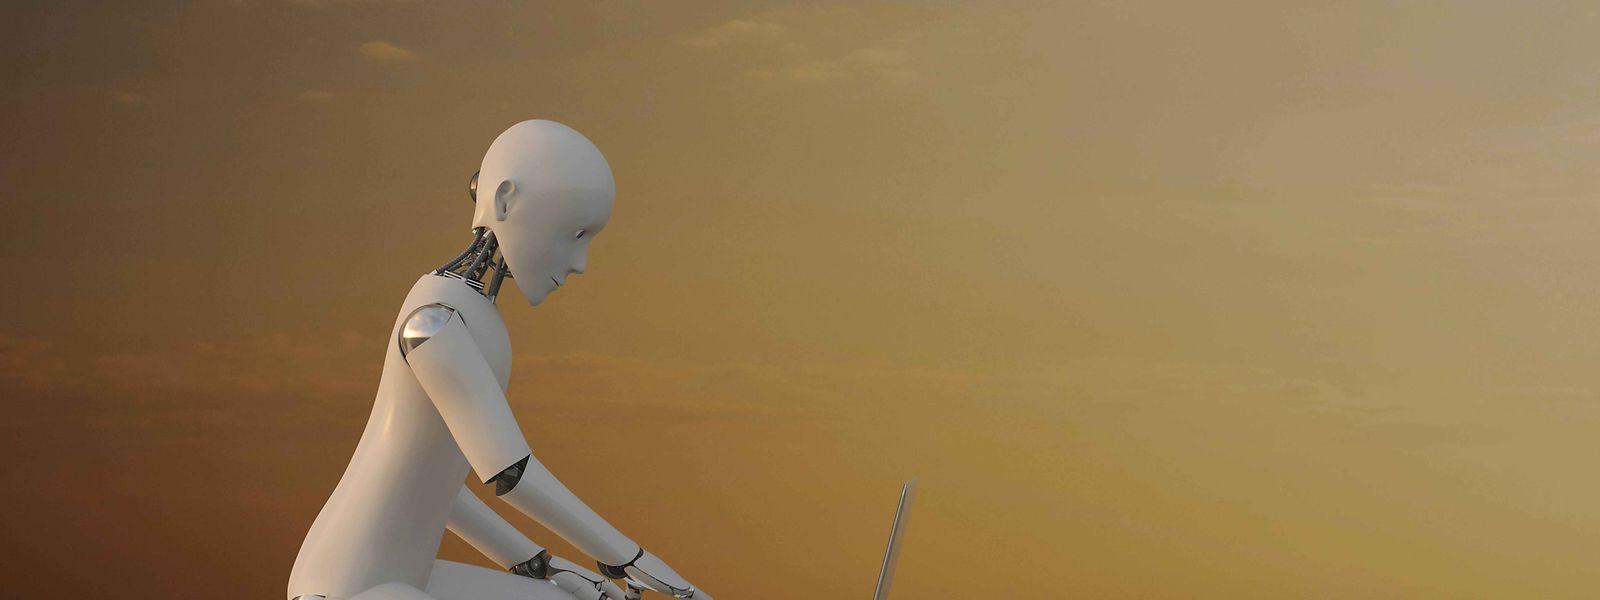 Schreibt der Roboter oder ein Mensch?Automatisierte Meinungsmache im Netz lässt sich mit etwas Mühe oft enttarnen.